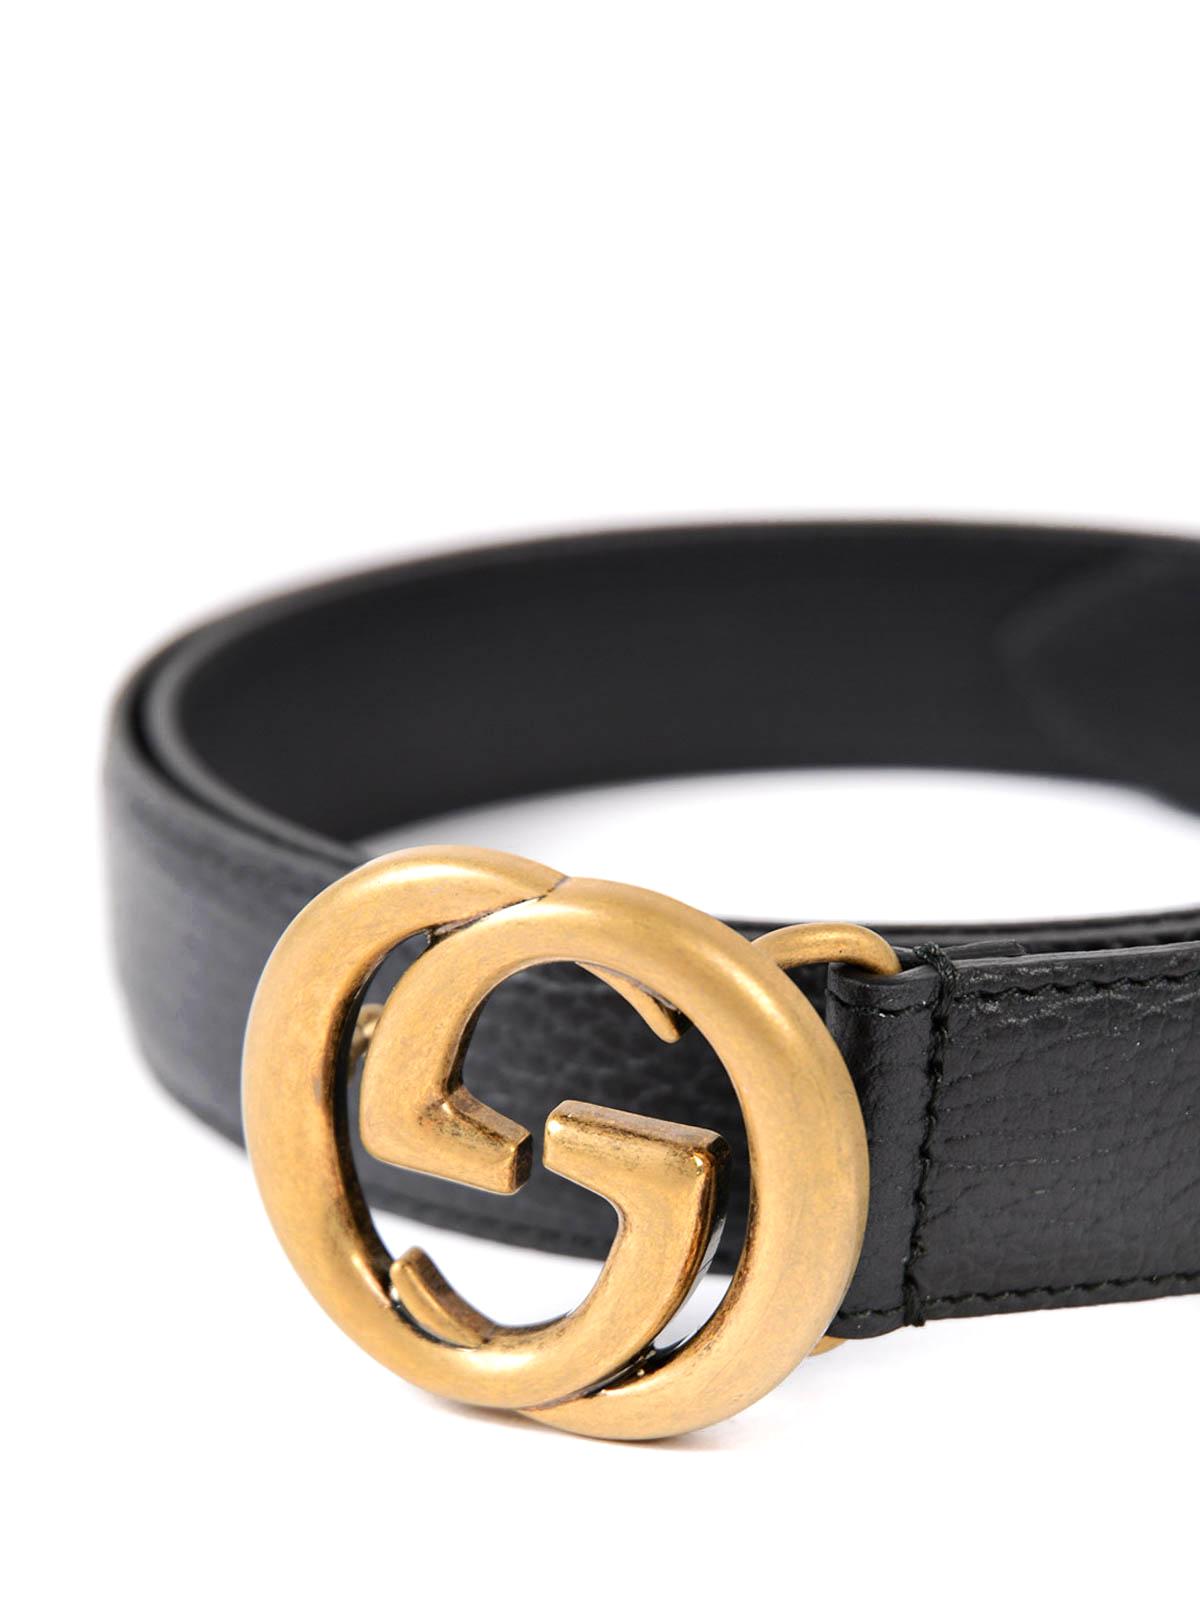 75f4b41e1092d Gucci - GG buckle leather belt - belts - 474345CAO0T1000 | iKRIX.com